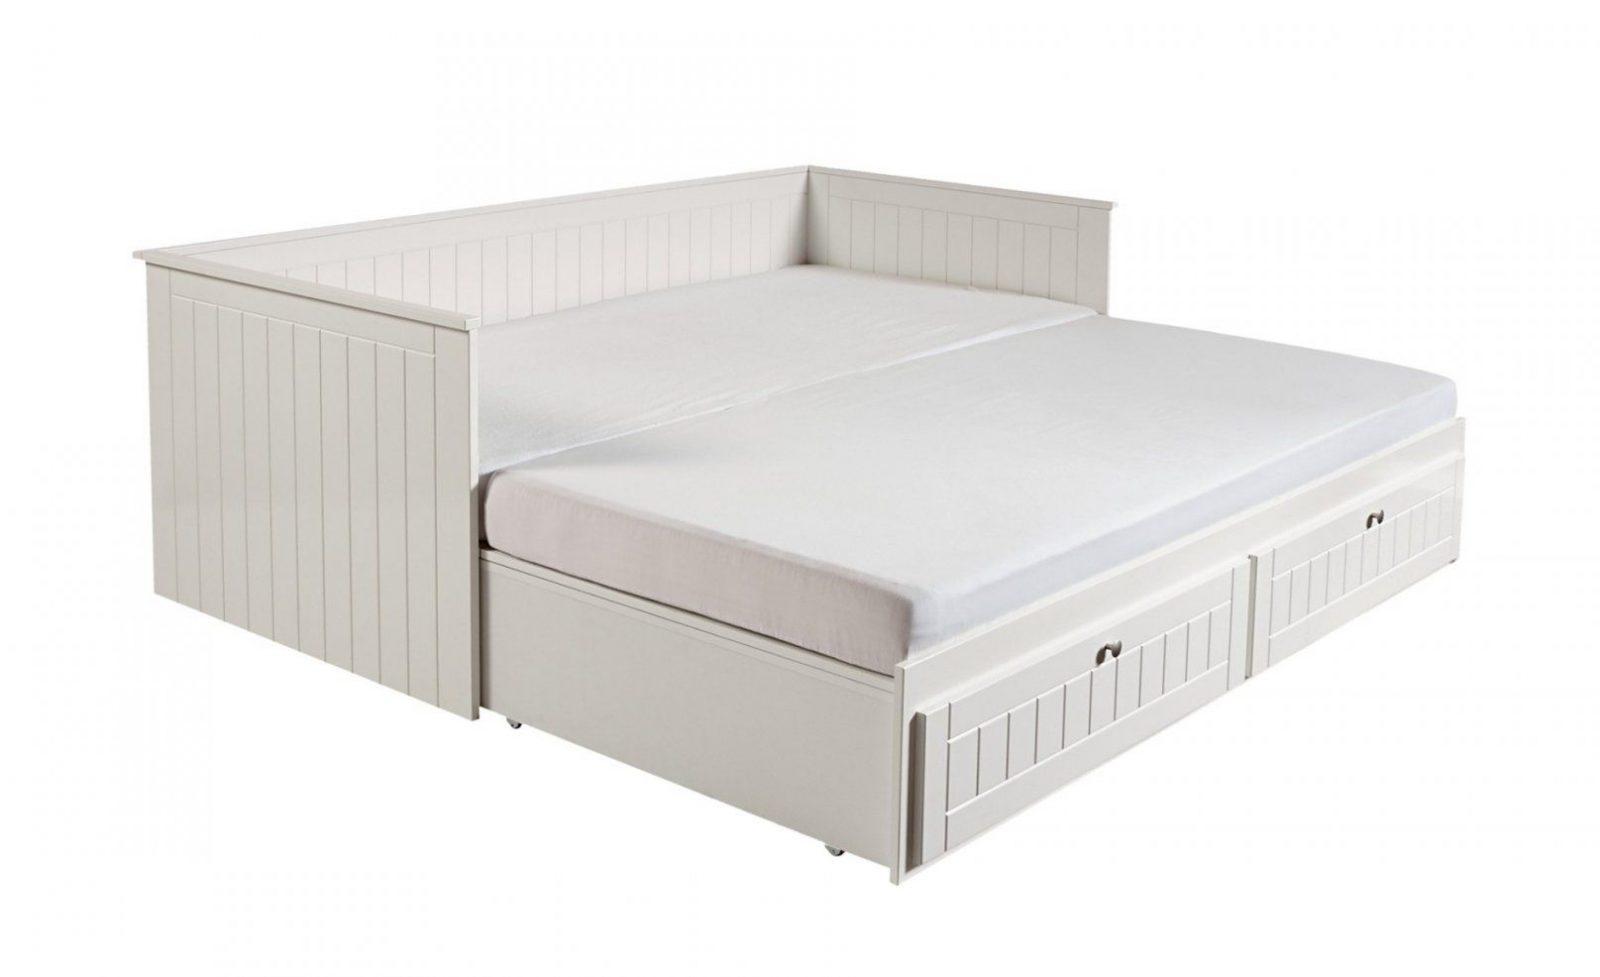 Ausziehbetten Betten Zum Ausziehen Günstig Kaufen Betten